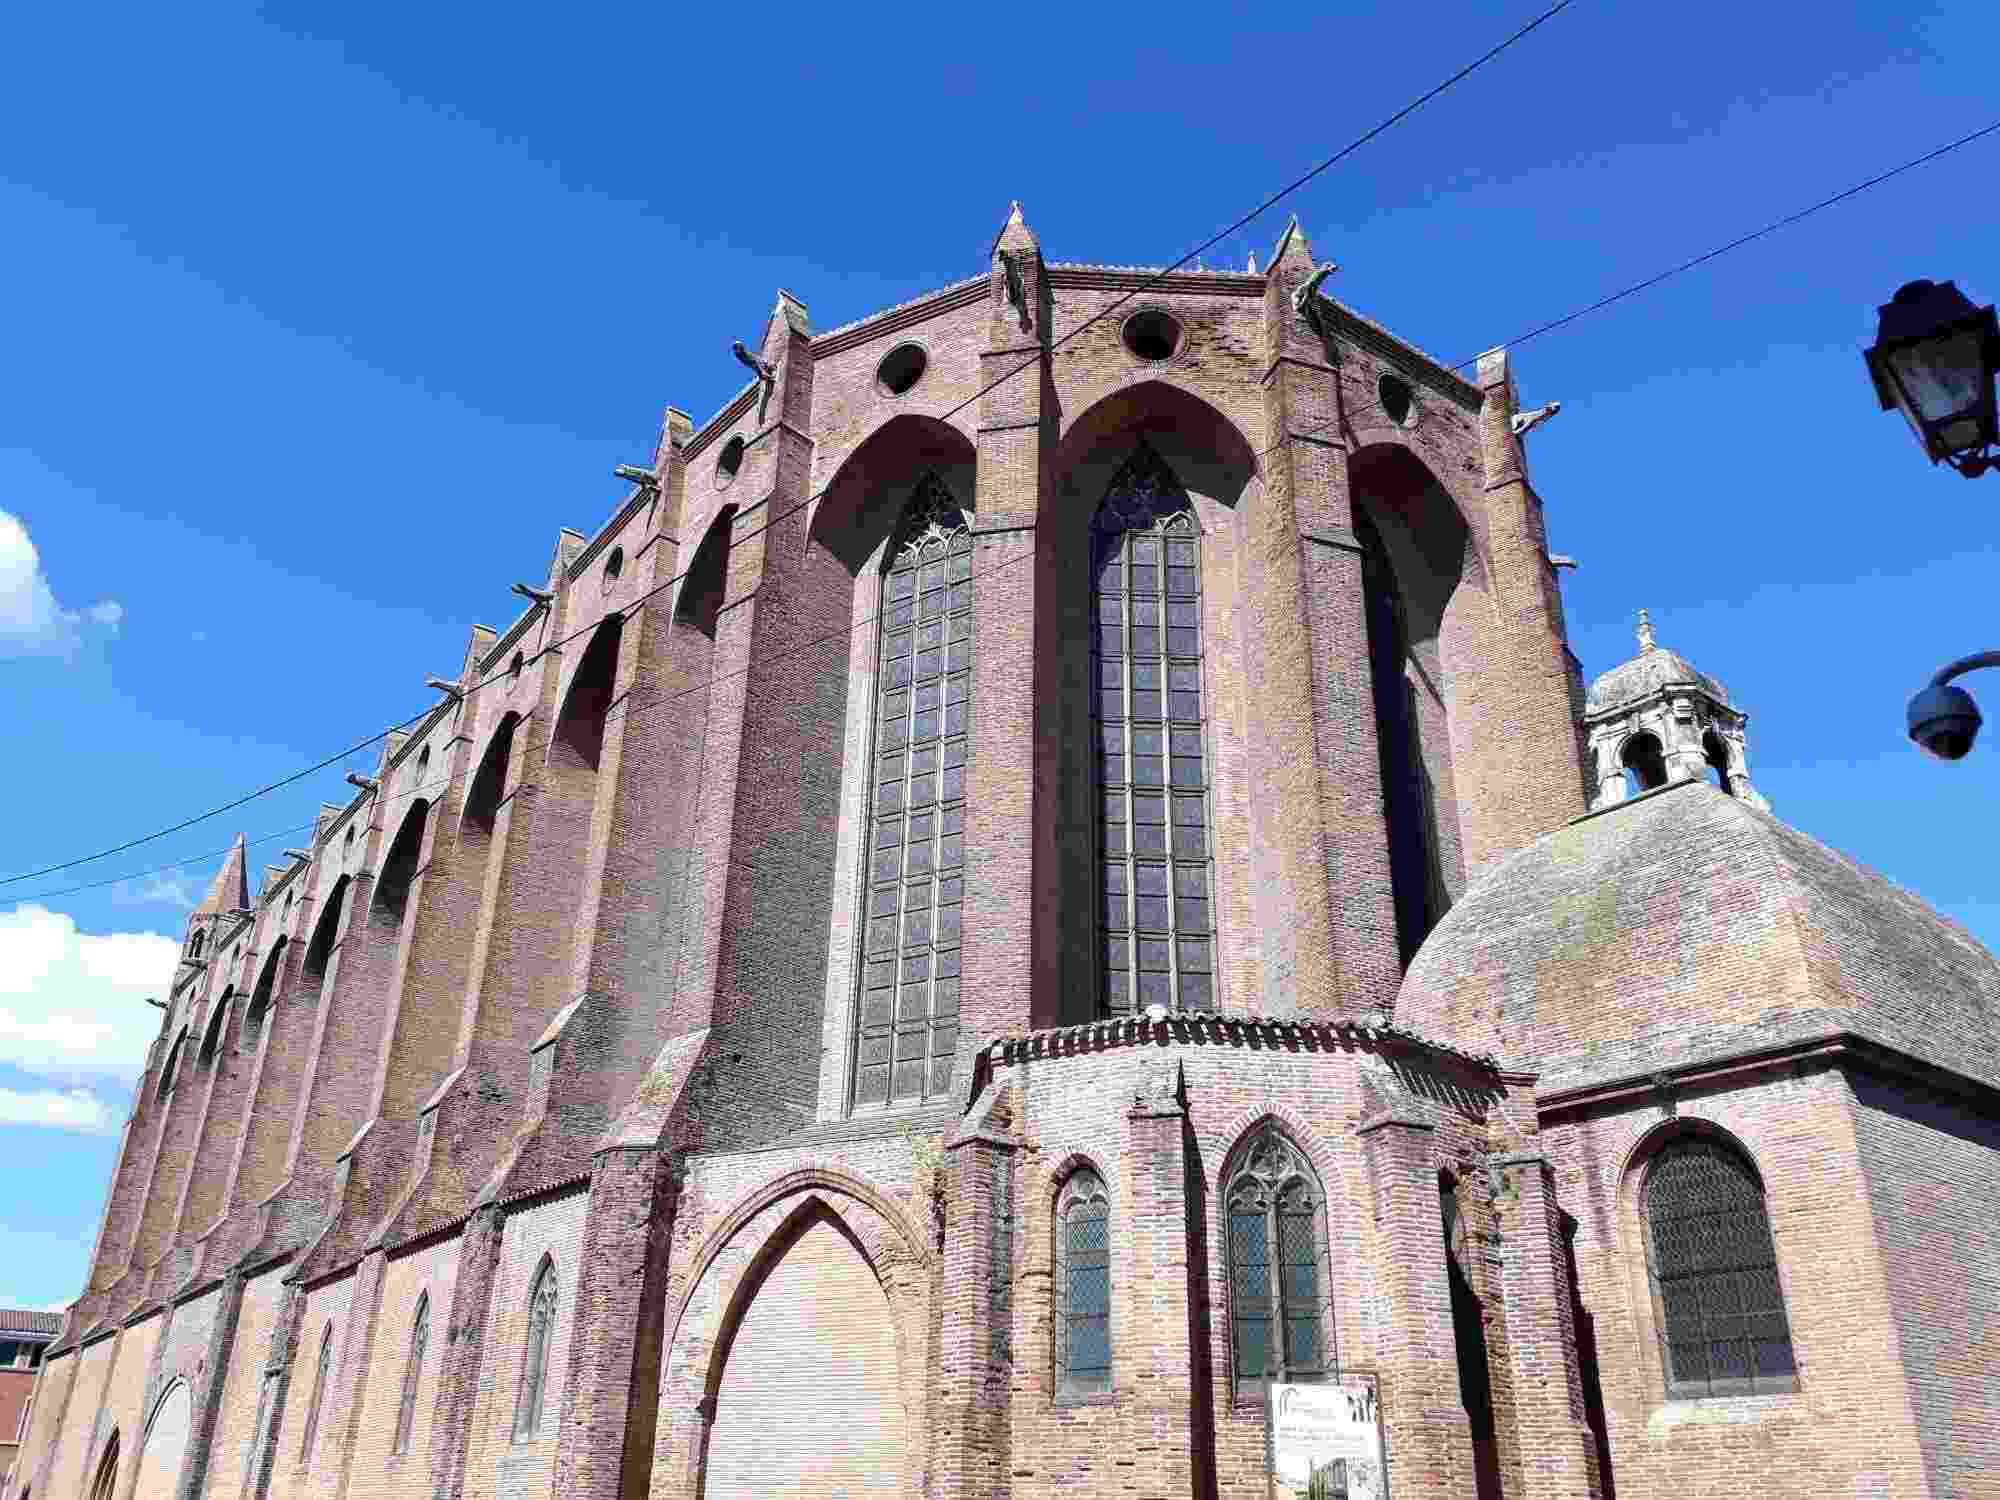 Las iglesias de predicación como la de los Jacobinos de Toulouse tenía como misión combatir a los cátaros con la palabra